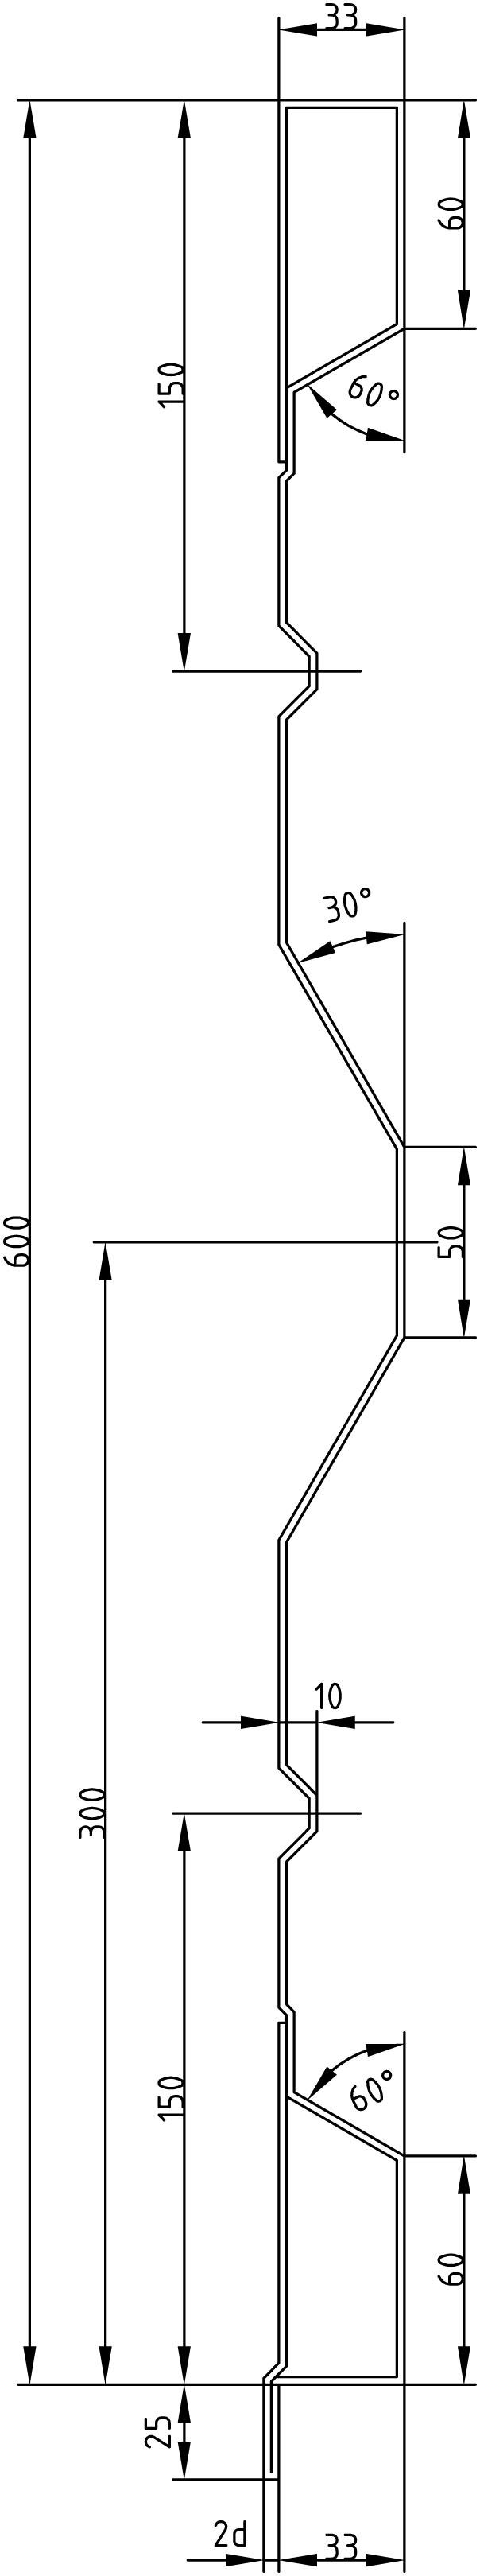 Brantner Kipper und Anhänger - AKmE HVAK 600x2 2063 Winkel 40/20/5